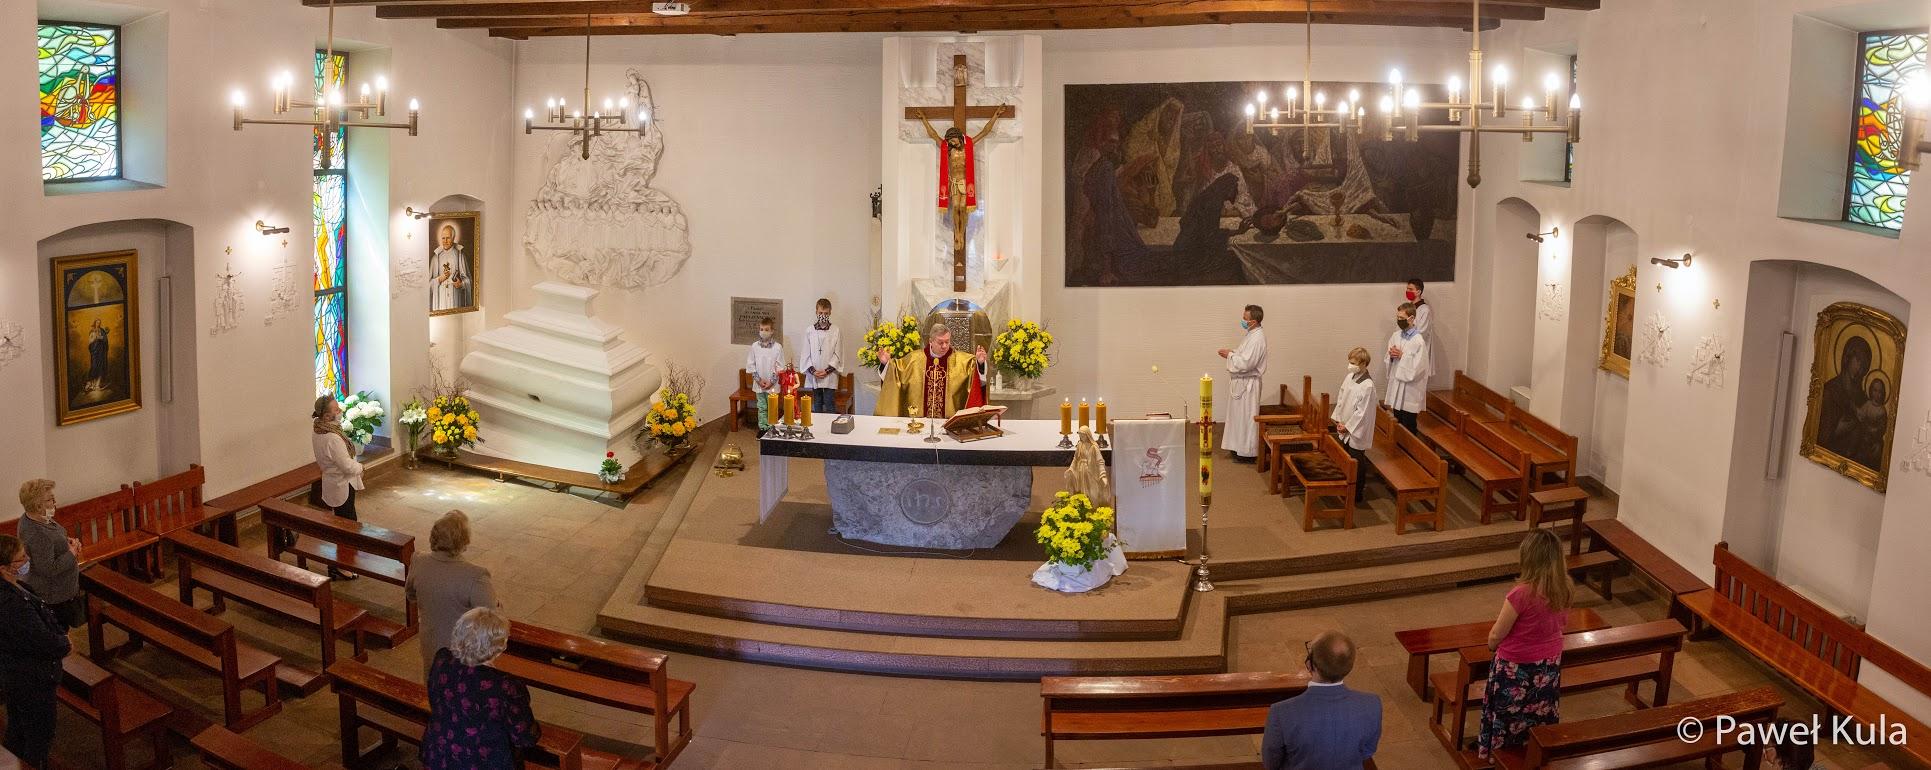 Nieliczni wierni gromadzą się na Eucharystii w Wieczerniku